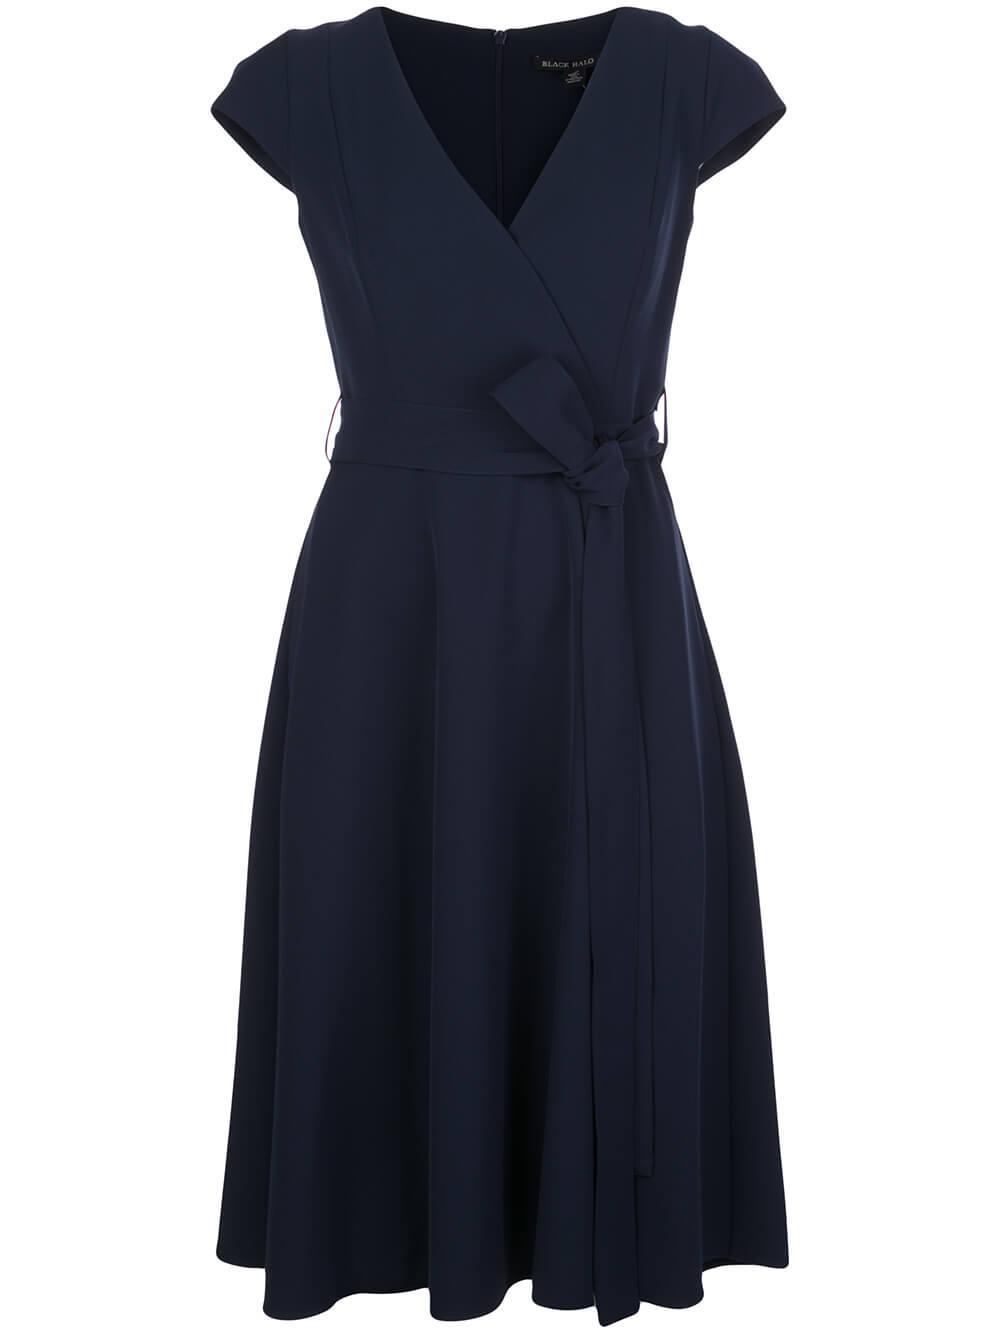 Pandora Wrap Dress